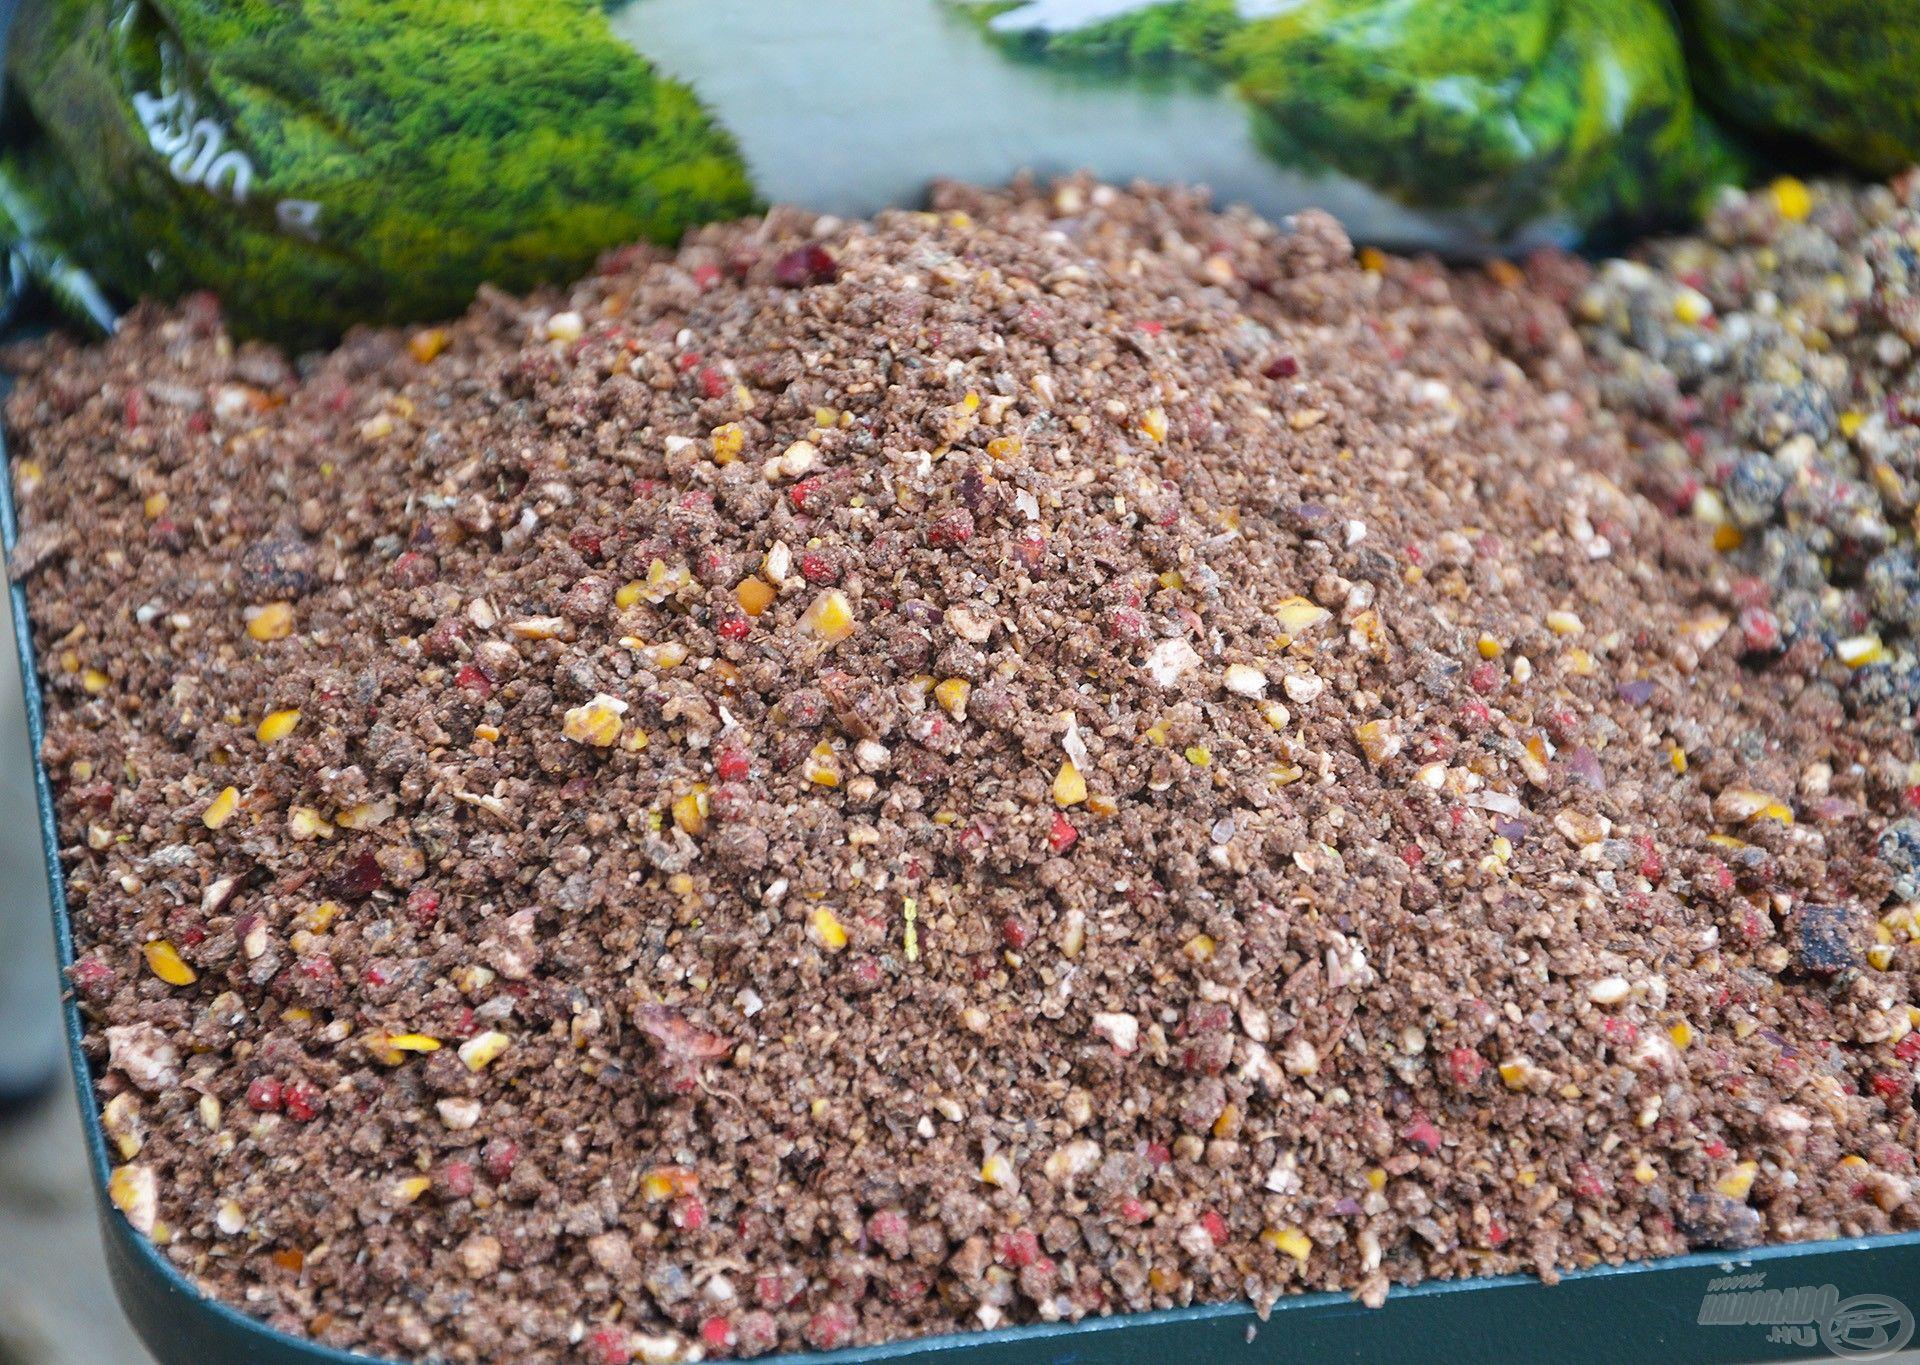 """A """"Mohos Dévér"""" talán a legösszetettebb, legtartalmasabb a három közül, ebben a gondosan válogatott, különböző ízű és színű pelletek mellett roppantott olajos magvak is gazdagon fellelhetők"""